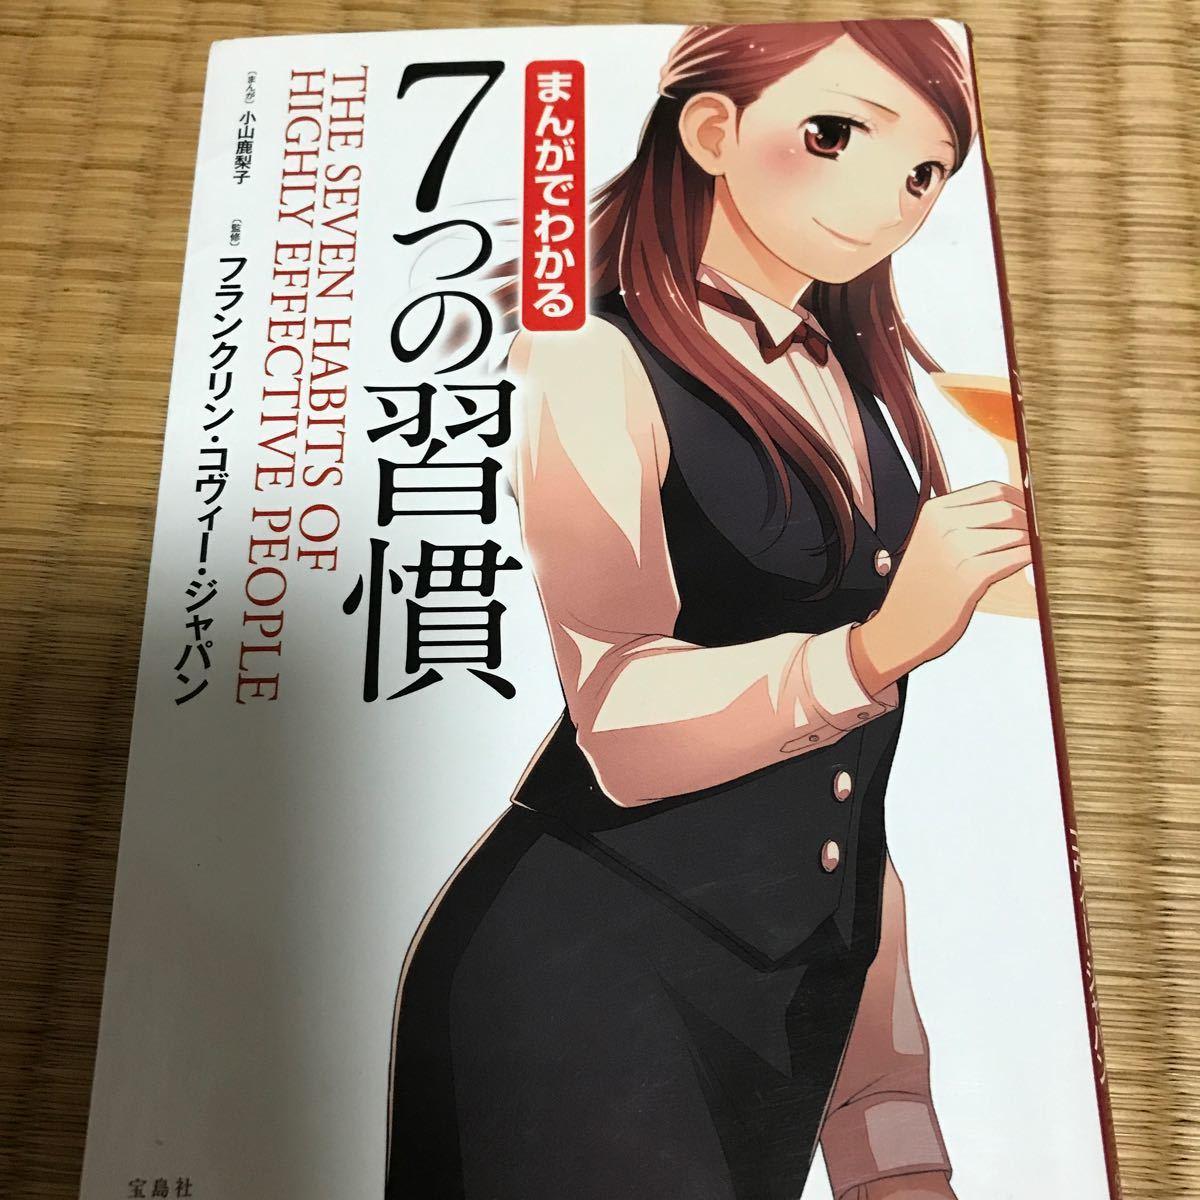 まんがでわかる7つの習慣/小山鹿梨子/フランクリンコヴィージャパン